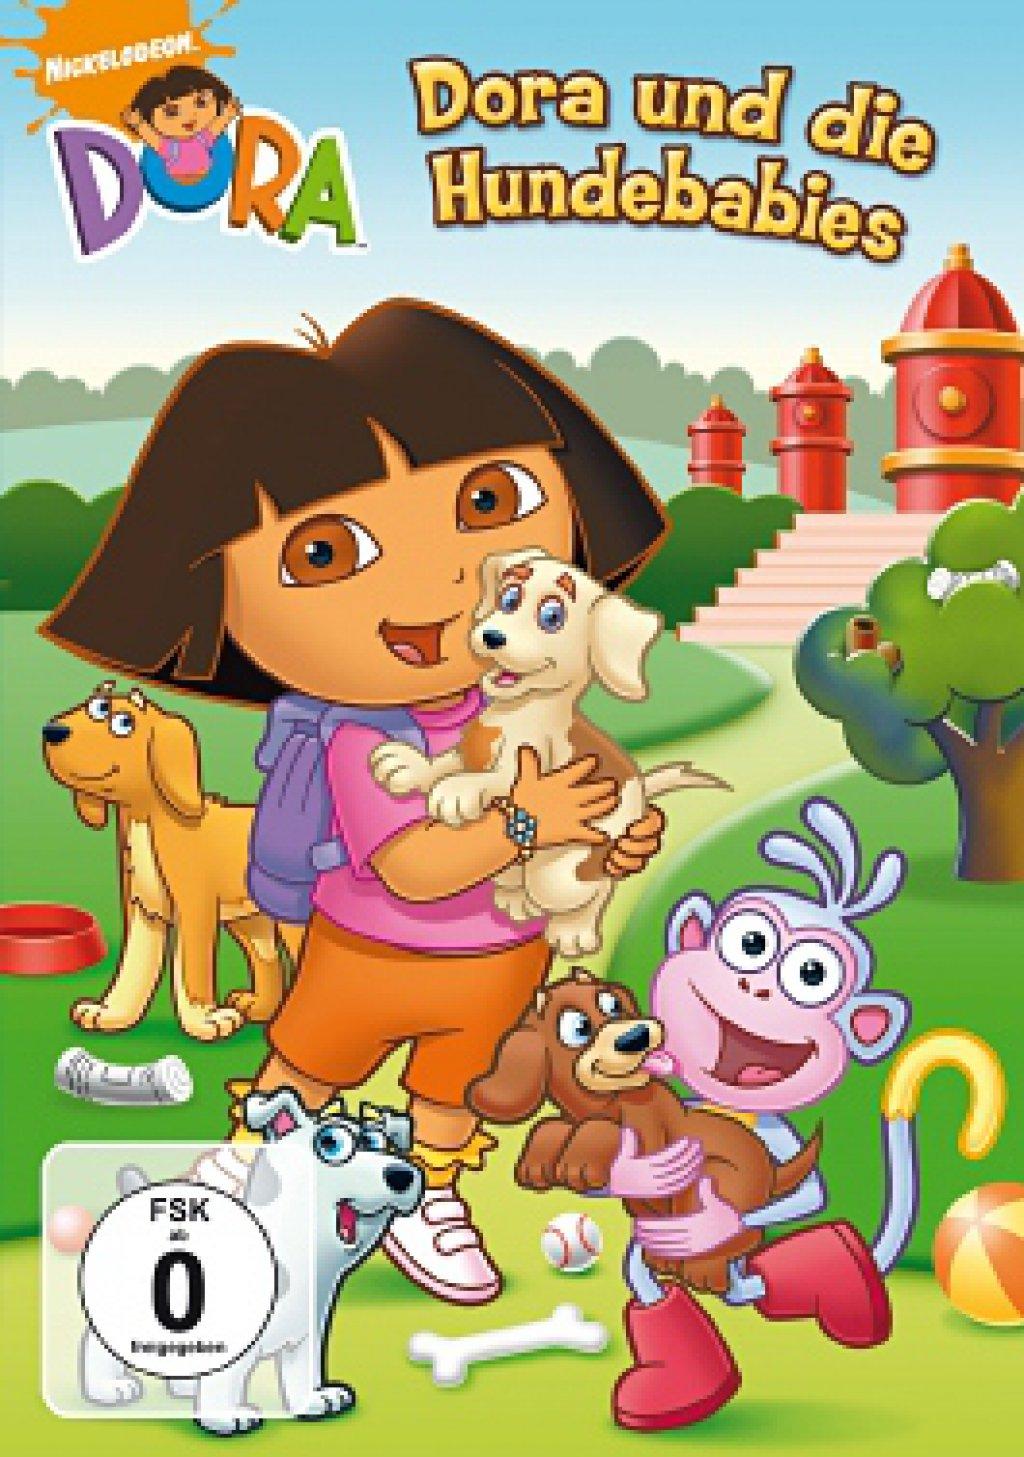 Dora - Dora und die Hundebabies (DVD)